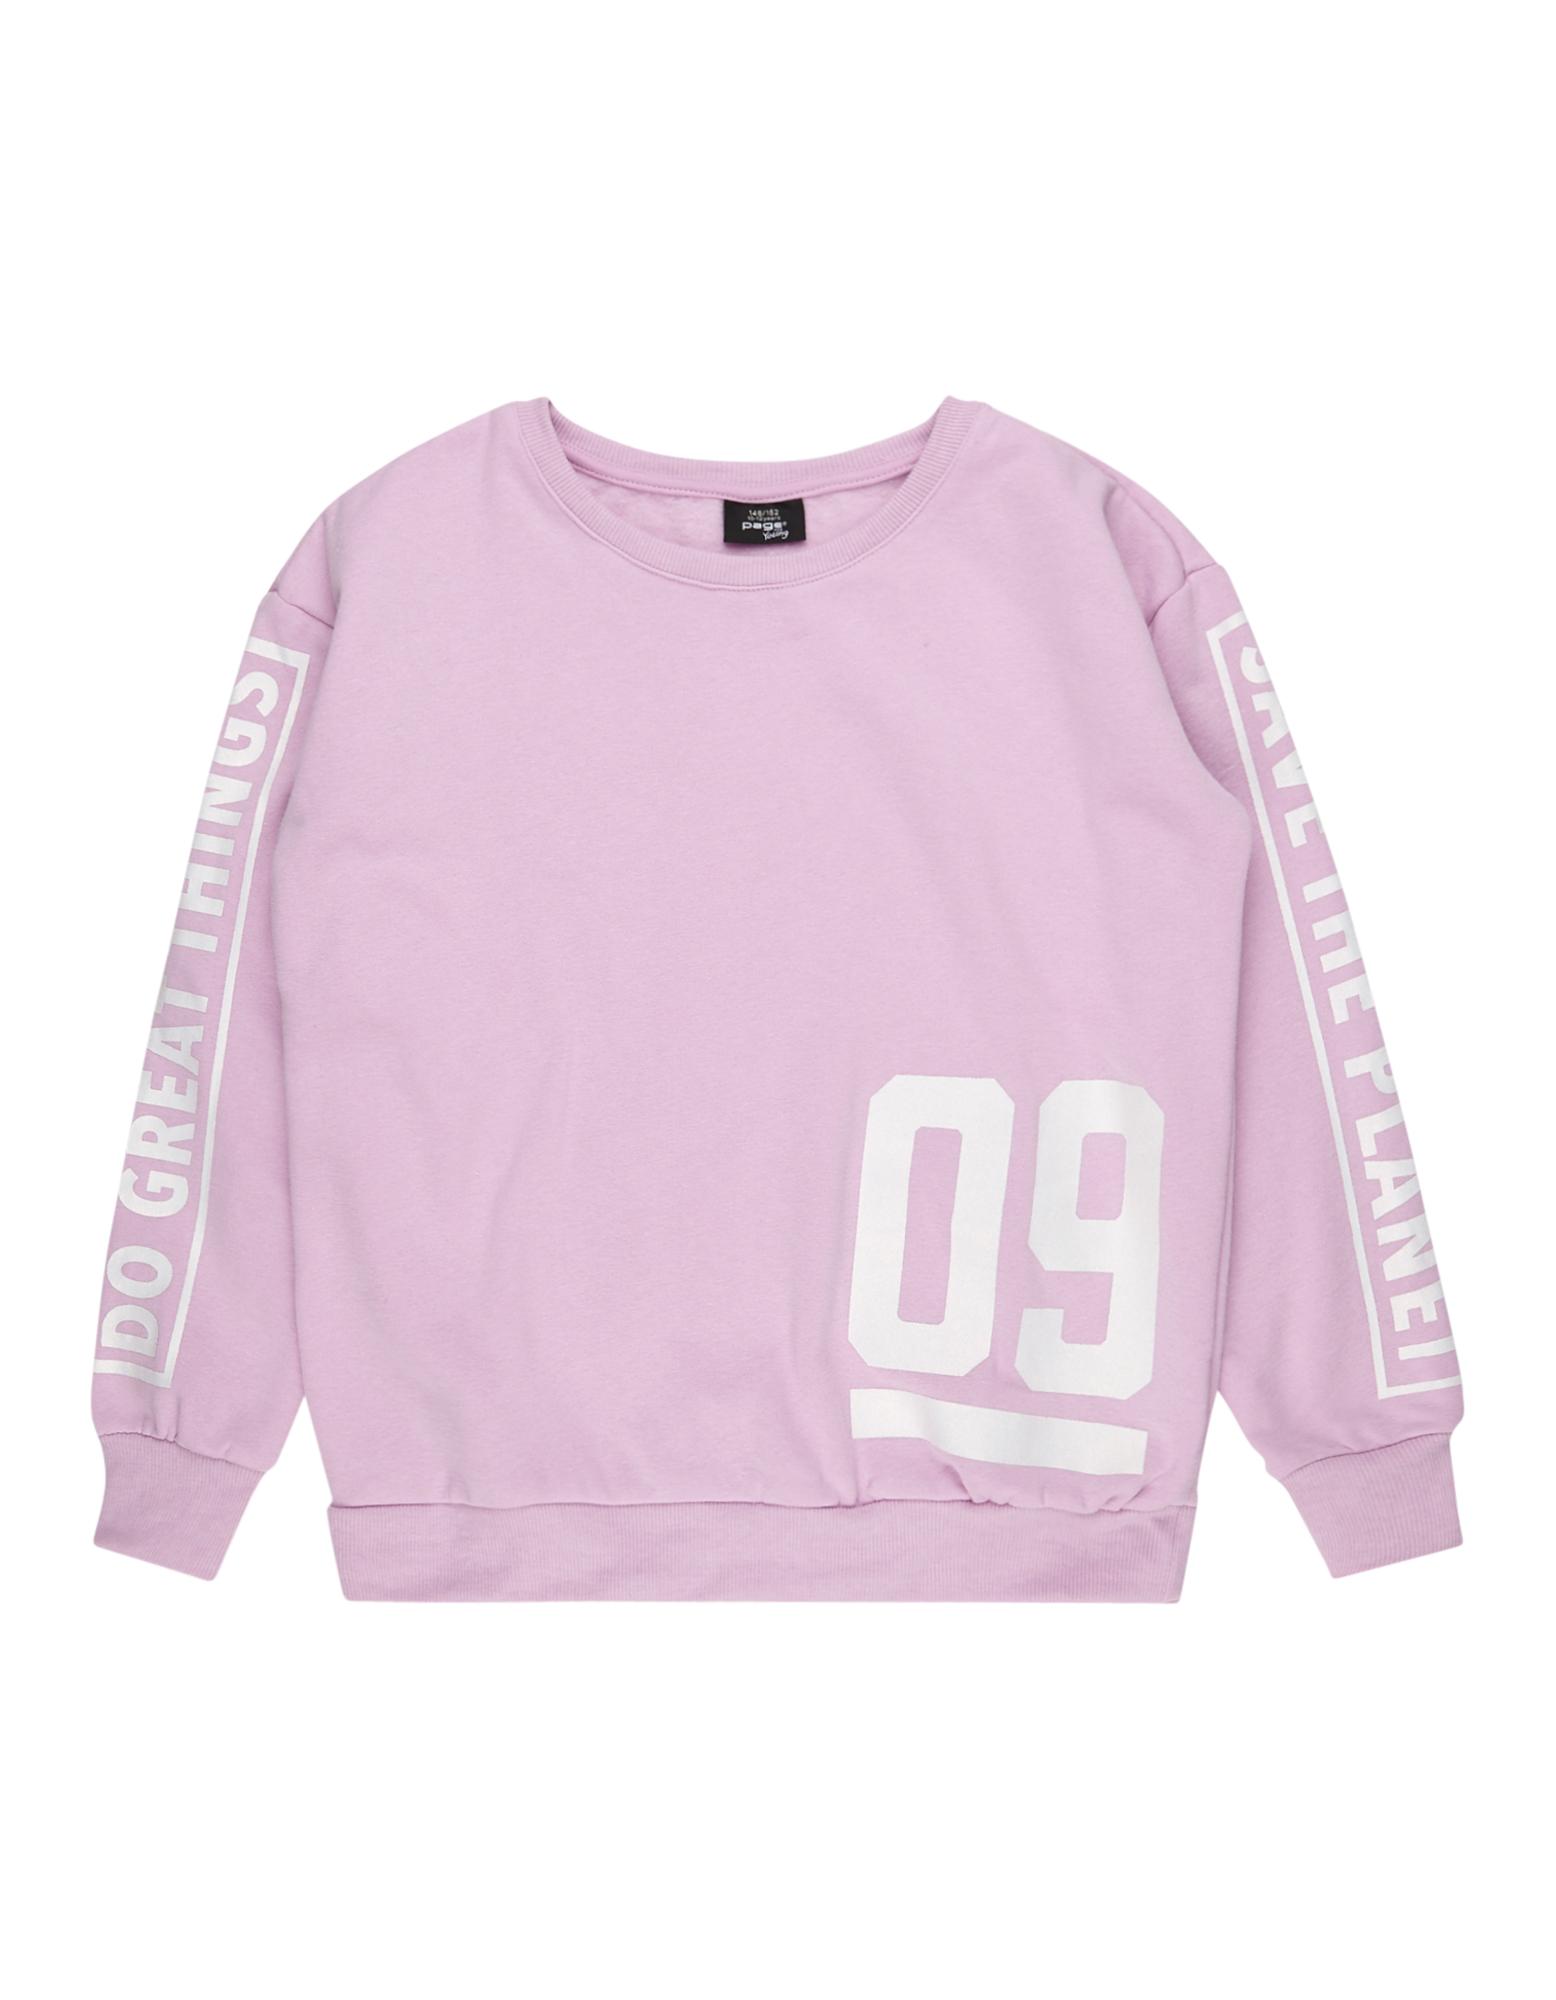 Mädchen Sweatshirt mit Prints  | 81488054690104